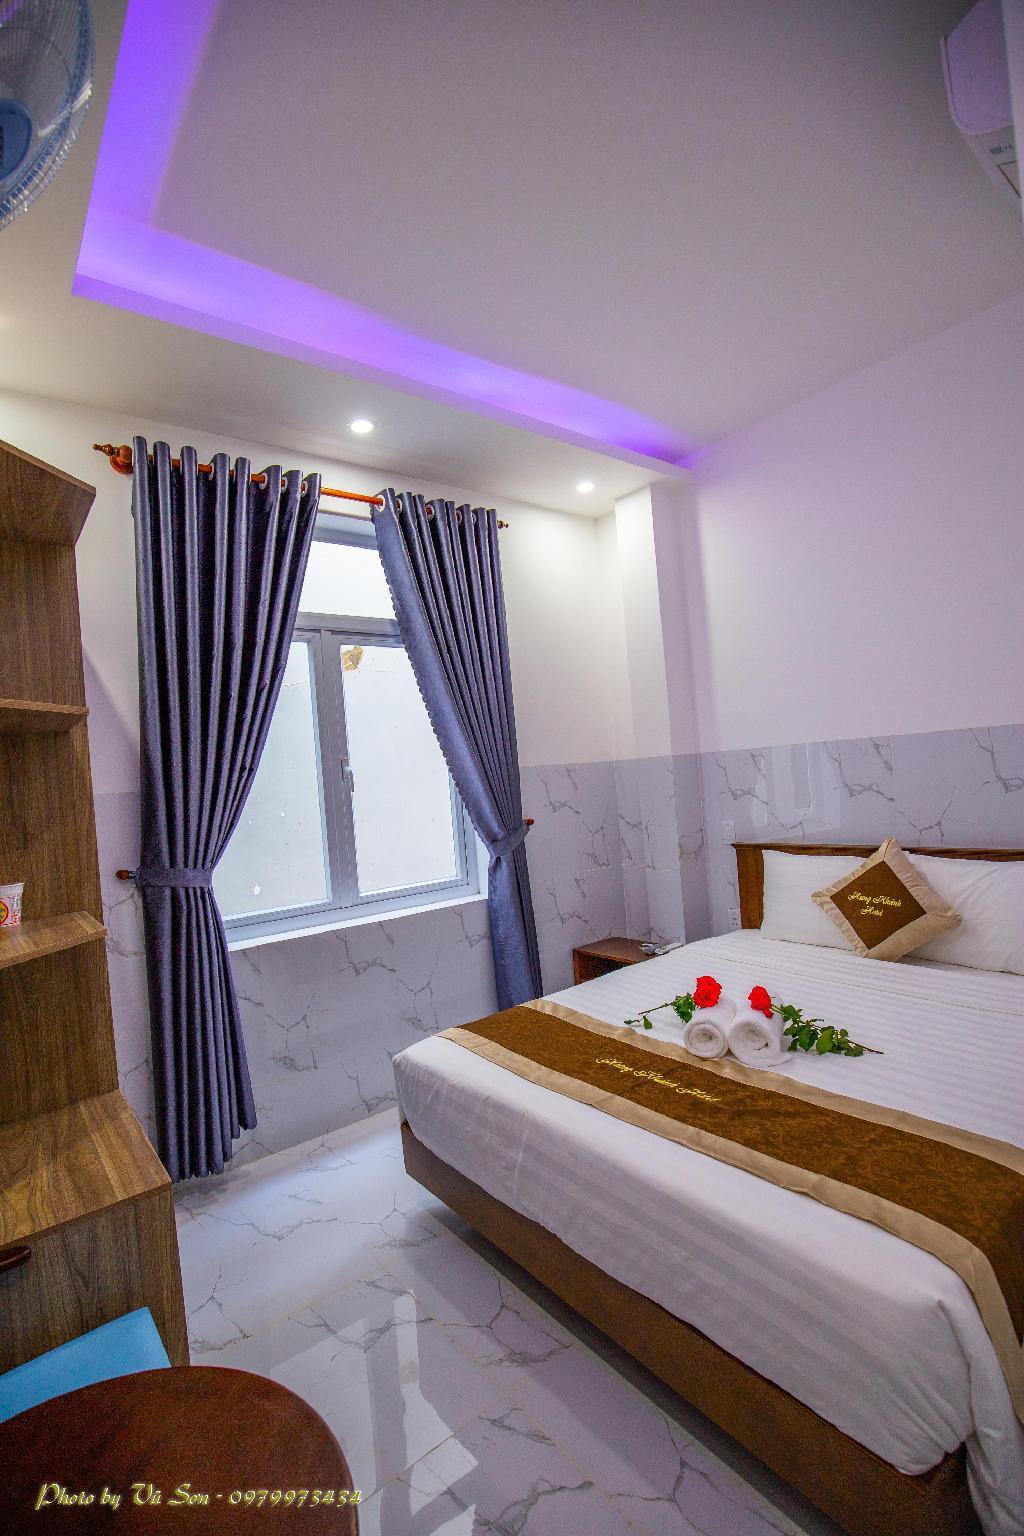 Hung Khanh Hotel